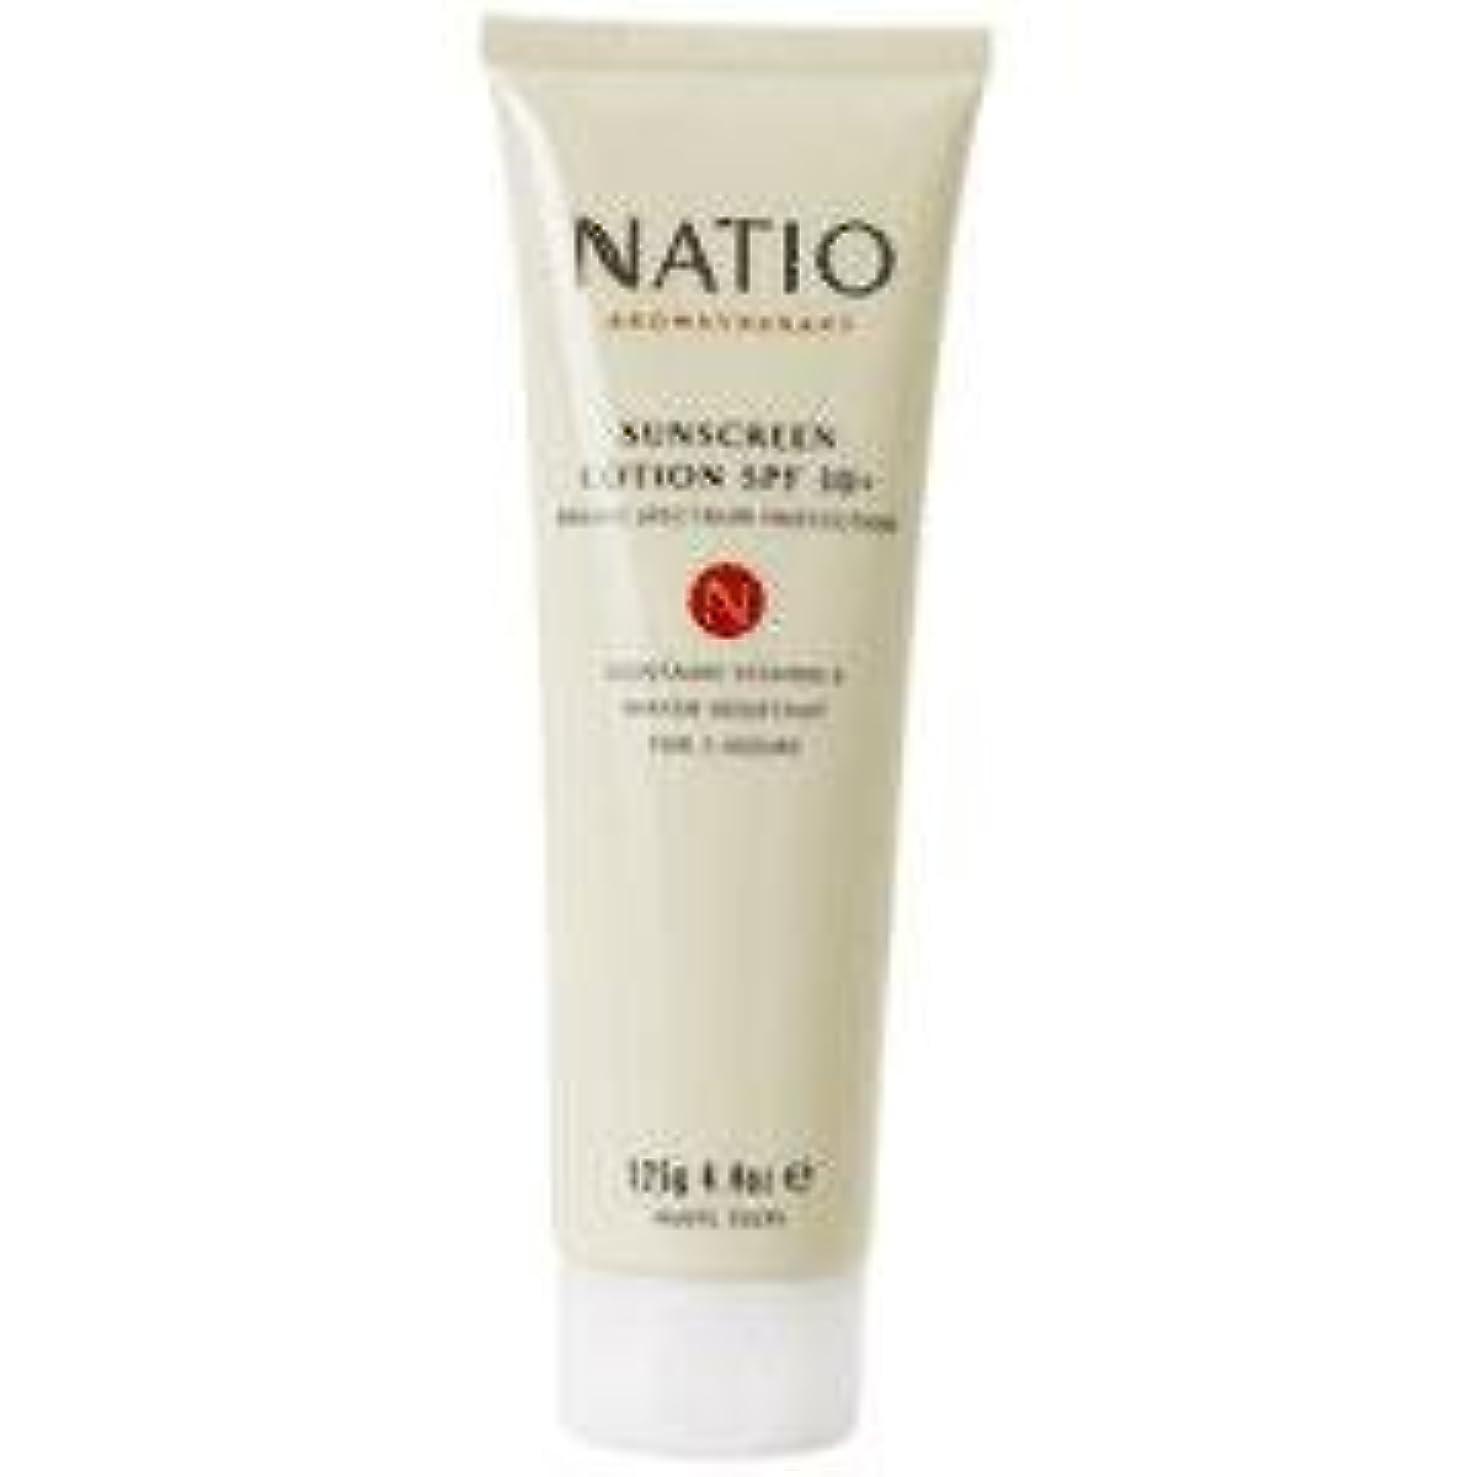 貸す橋牧師【NATIO Aromatherapy Sunscreen Lotion SPF30+】 ナティオ  日焼け止めクリーム SPF30+ [海外直送品]